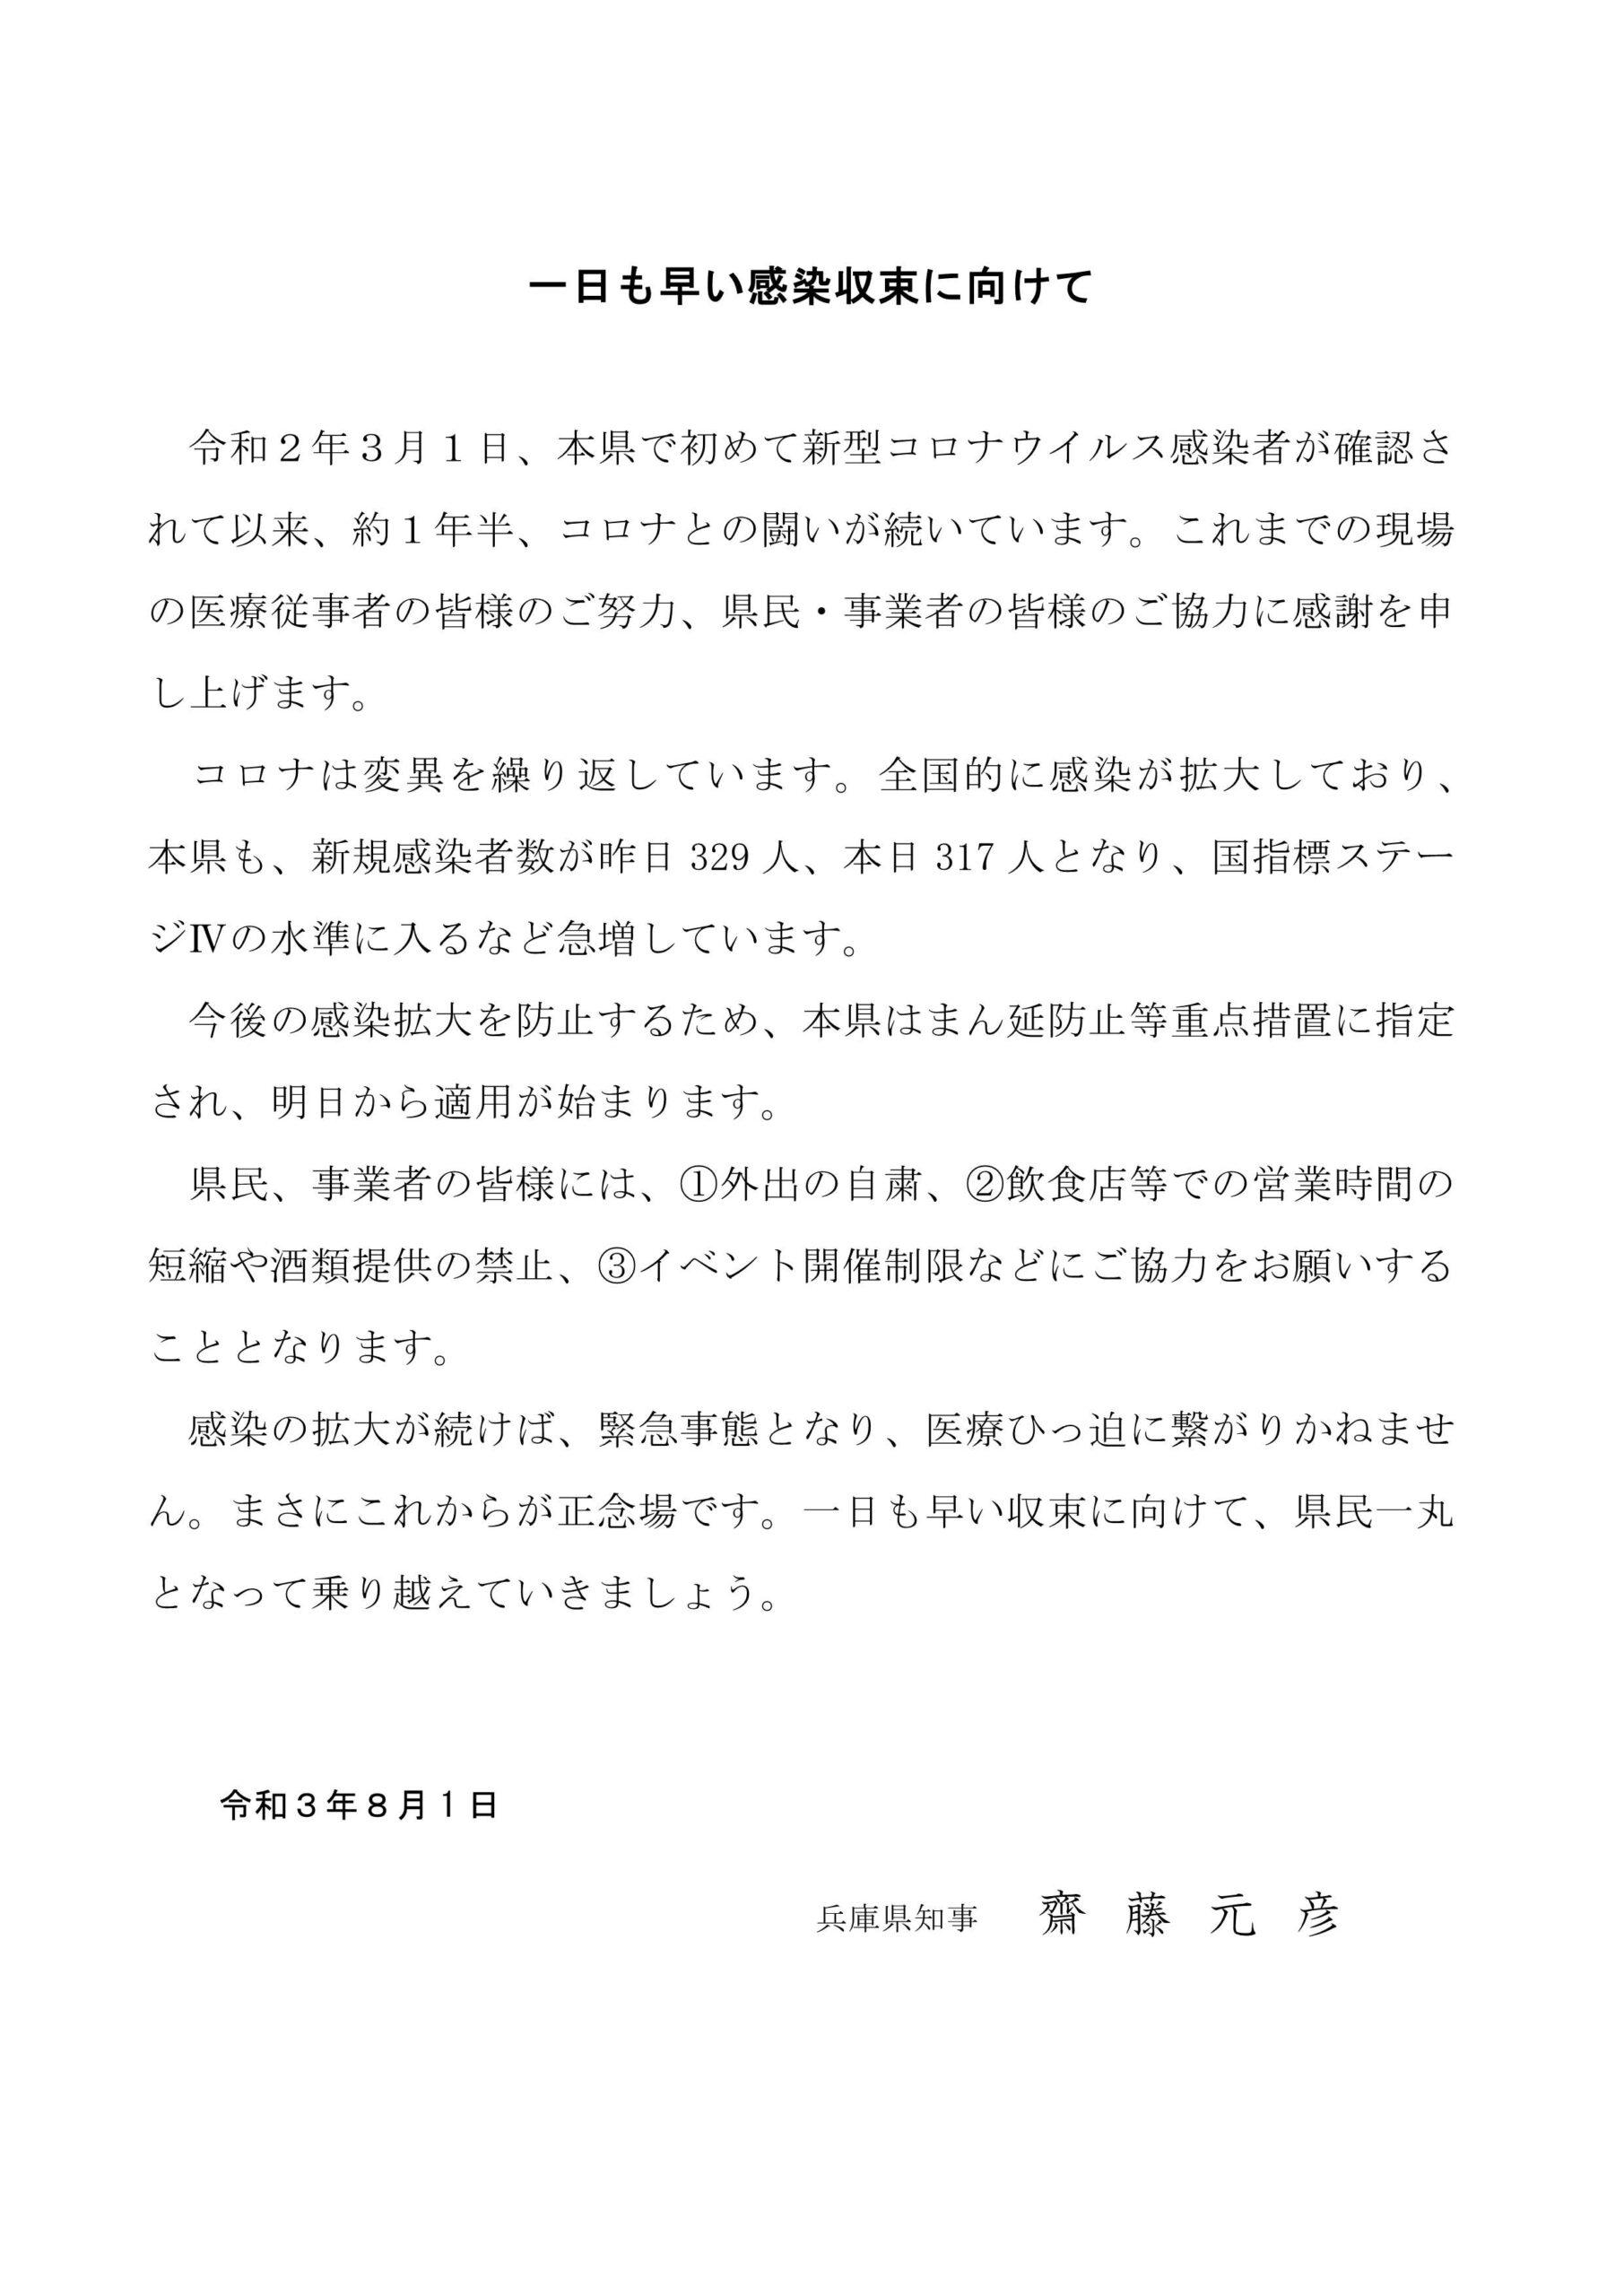 知事メッセージ(令和3年8月1日)